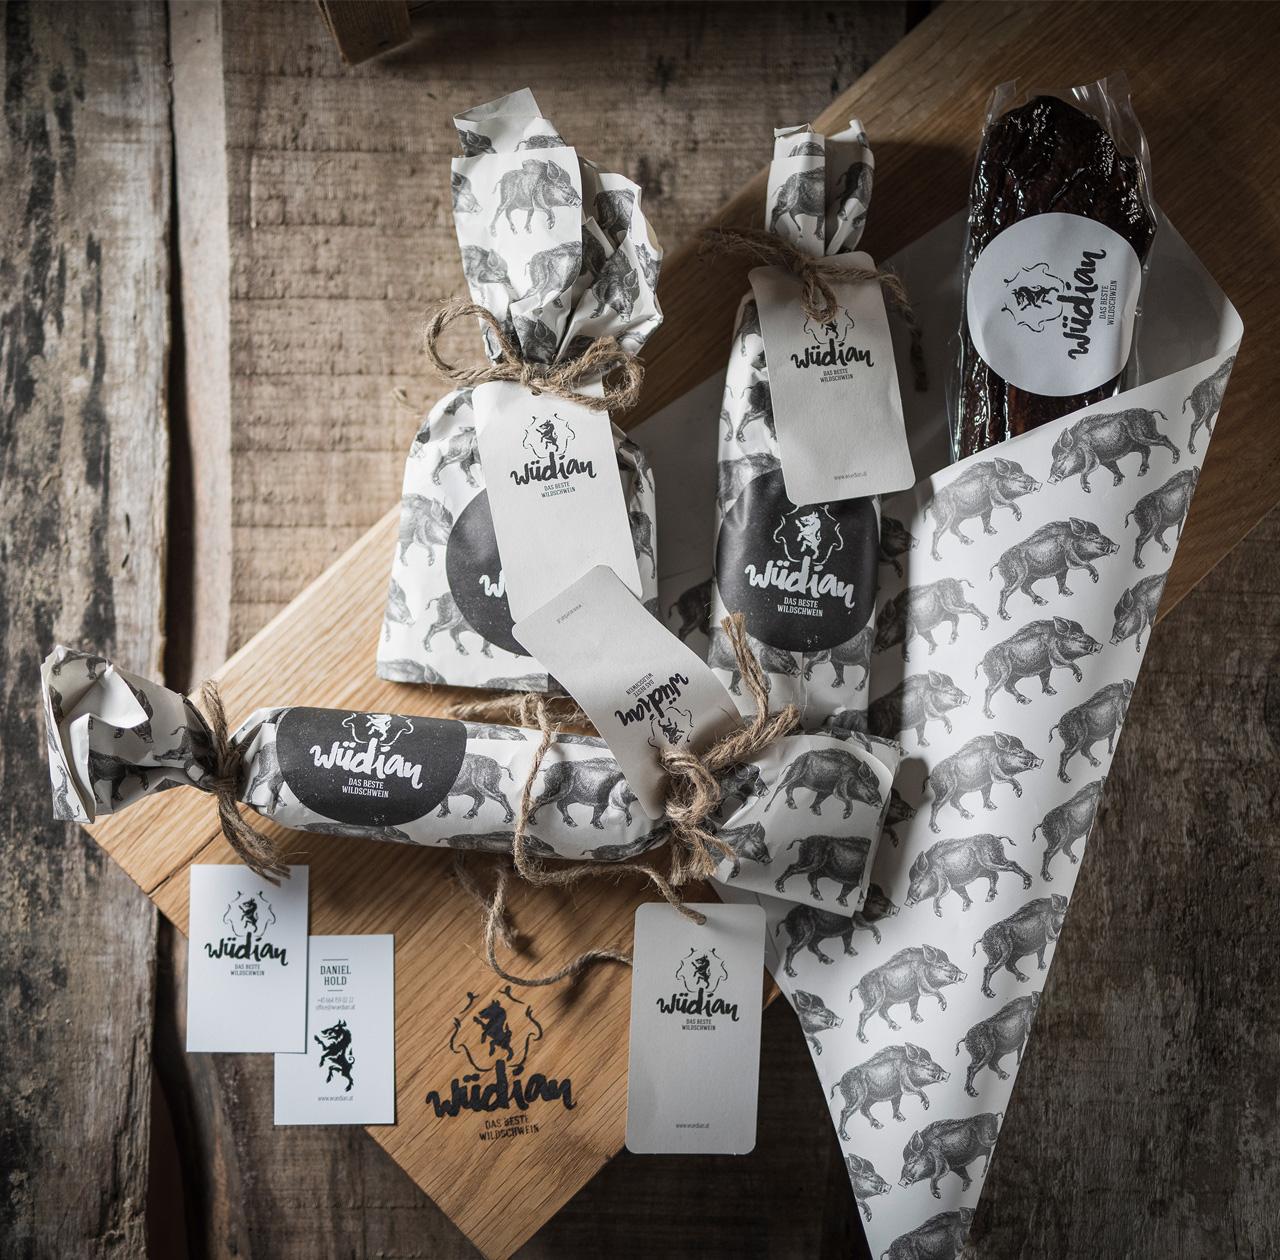 upart Referenz für wüdian Wildschweinspeck - Verpackungsdesign